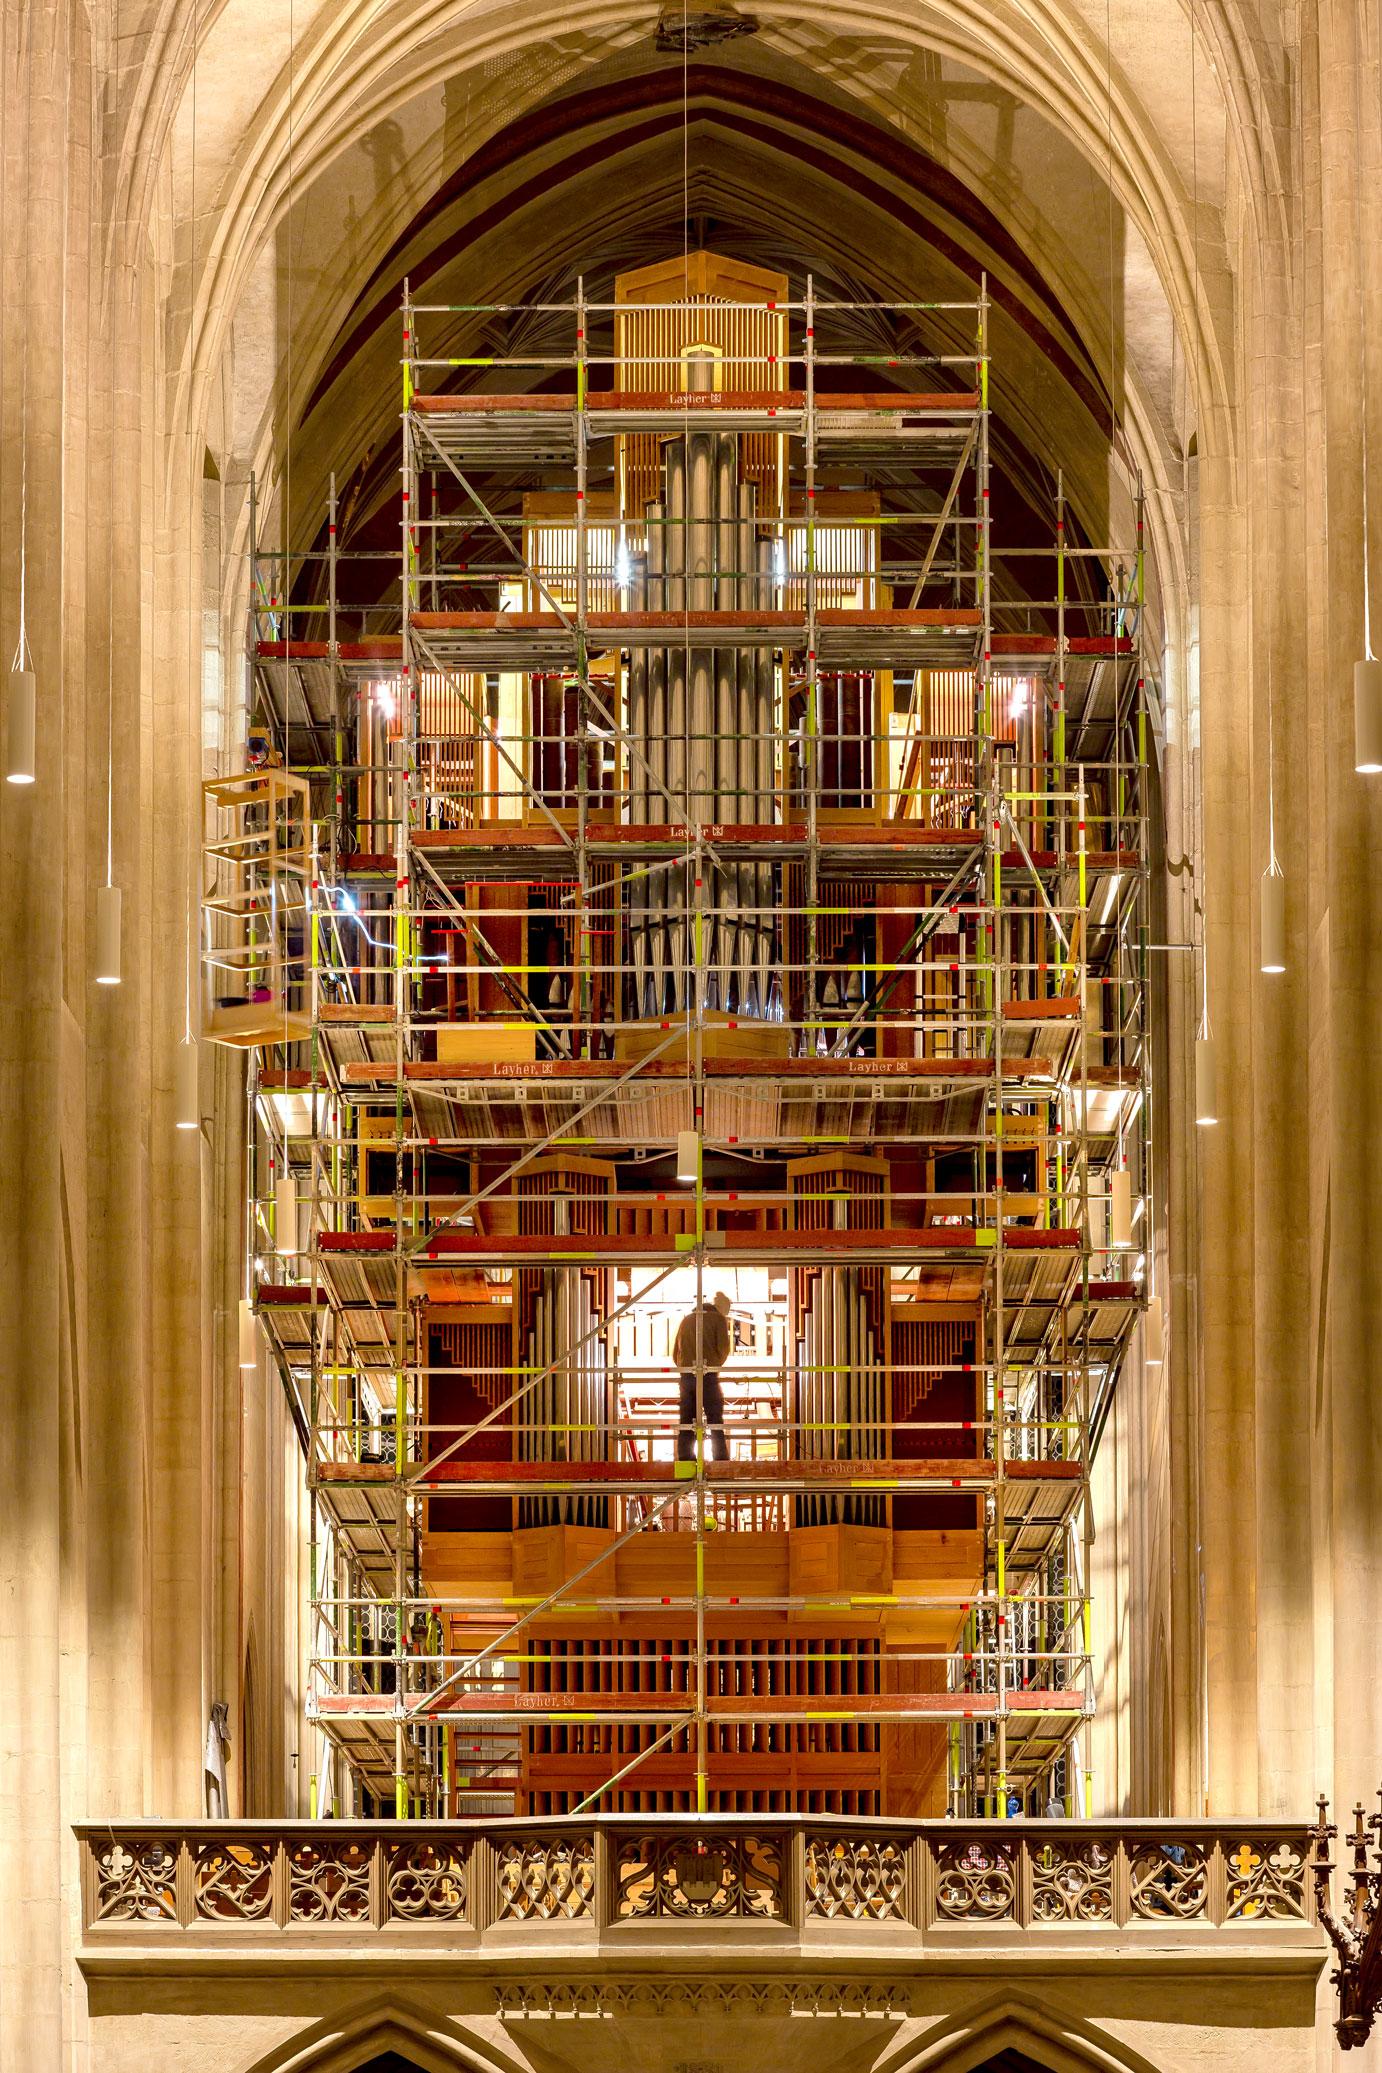 Die Rieger-Orgel wird in ihre Einzelteile zerlegt. Ein Gerüst macht die verschiedenen Ebenen zugänglich. Foto: Pfitzinger